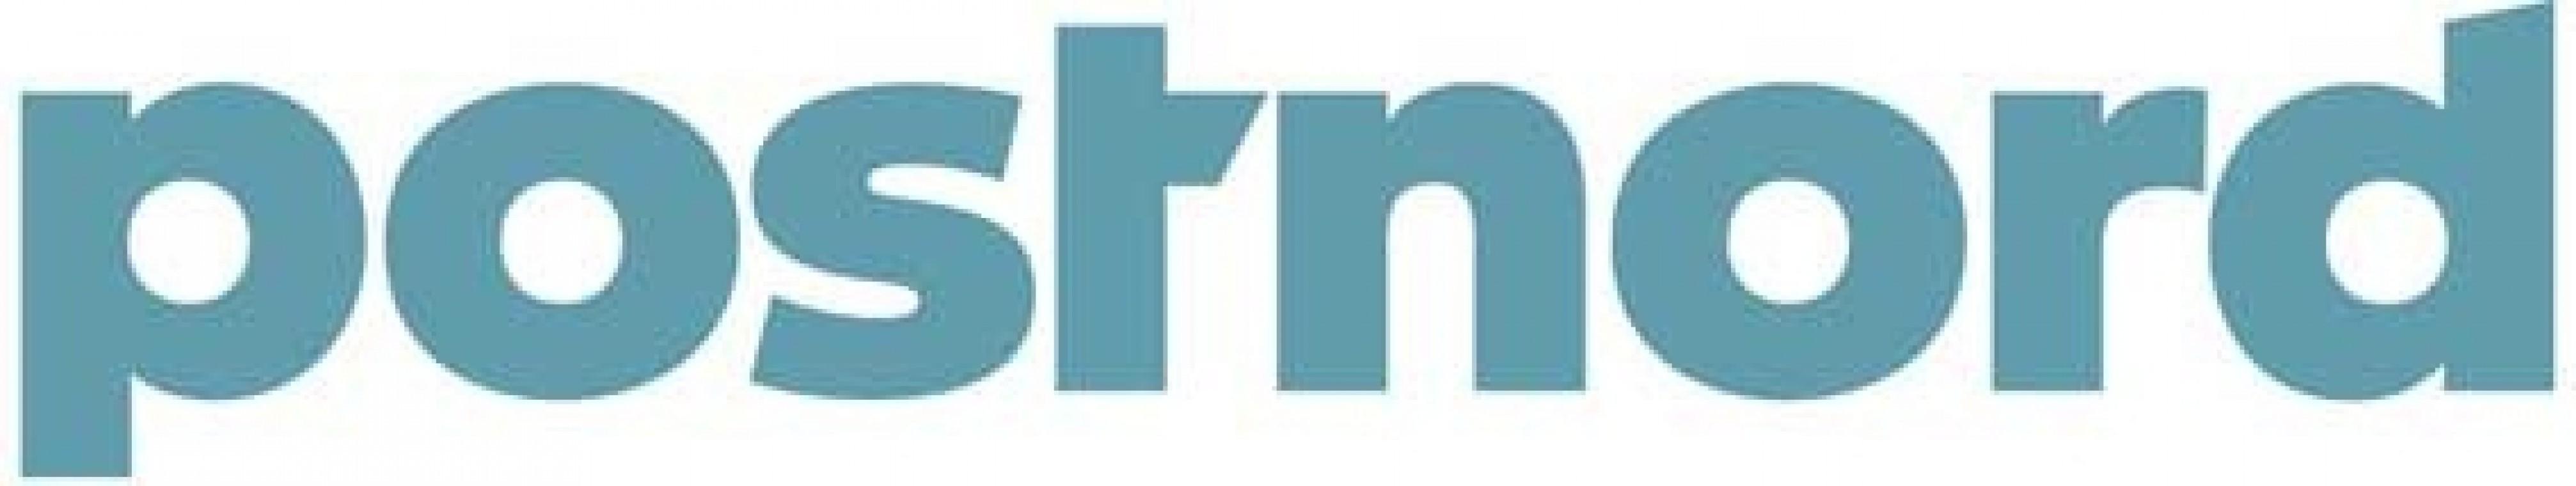 postnord_logo.jpg